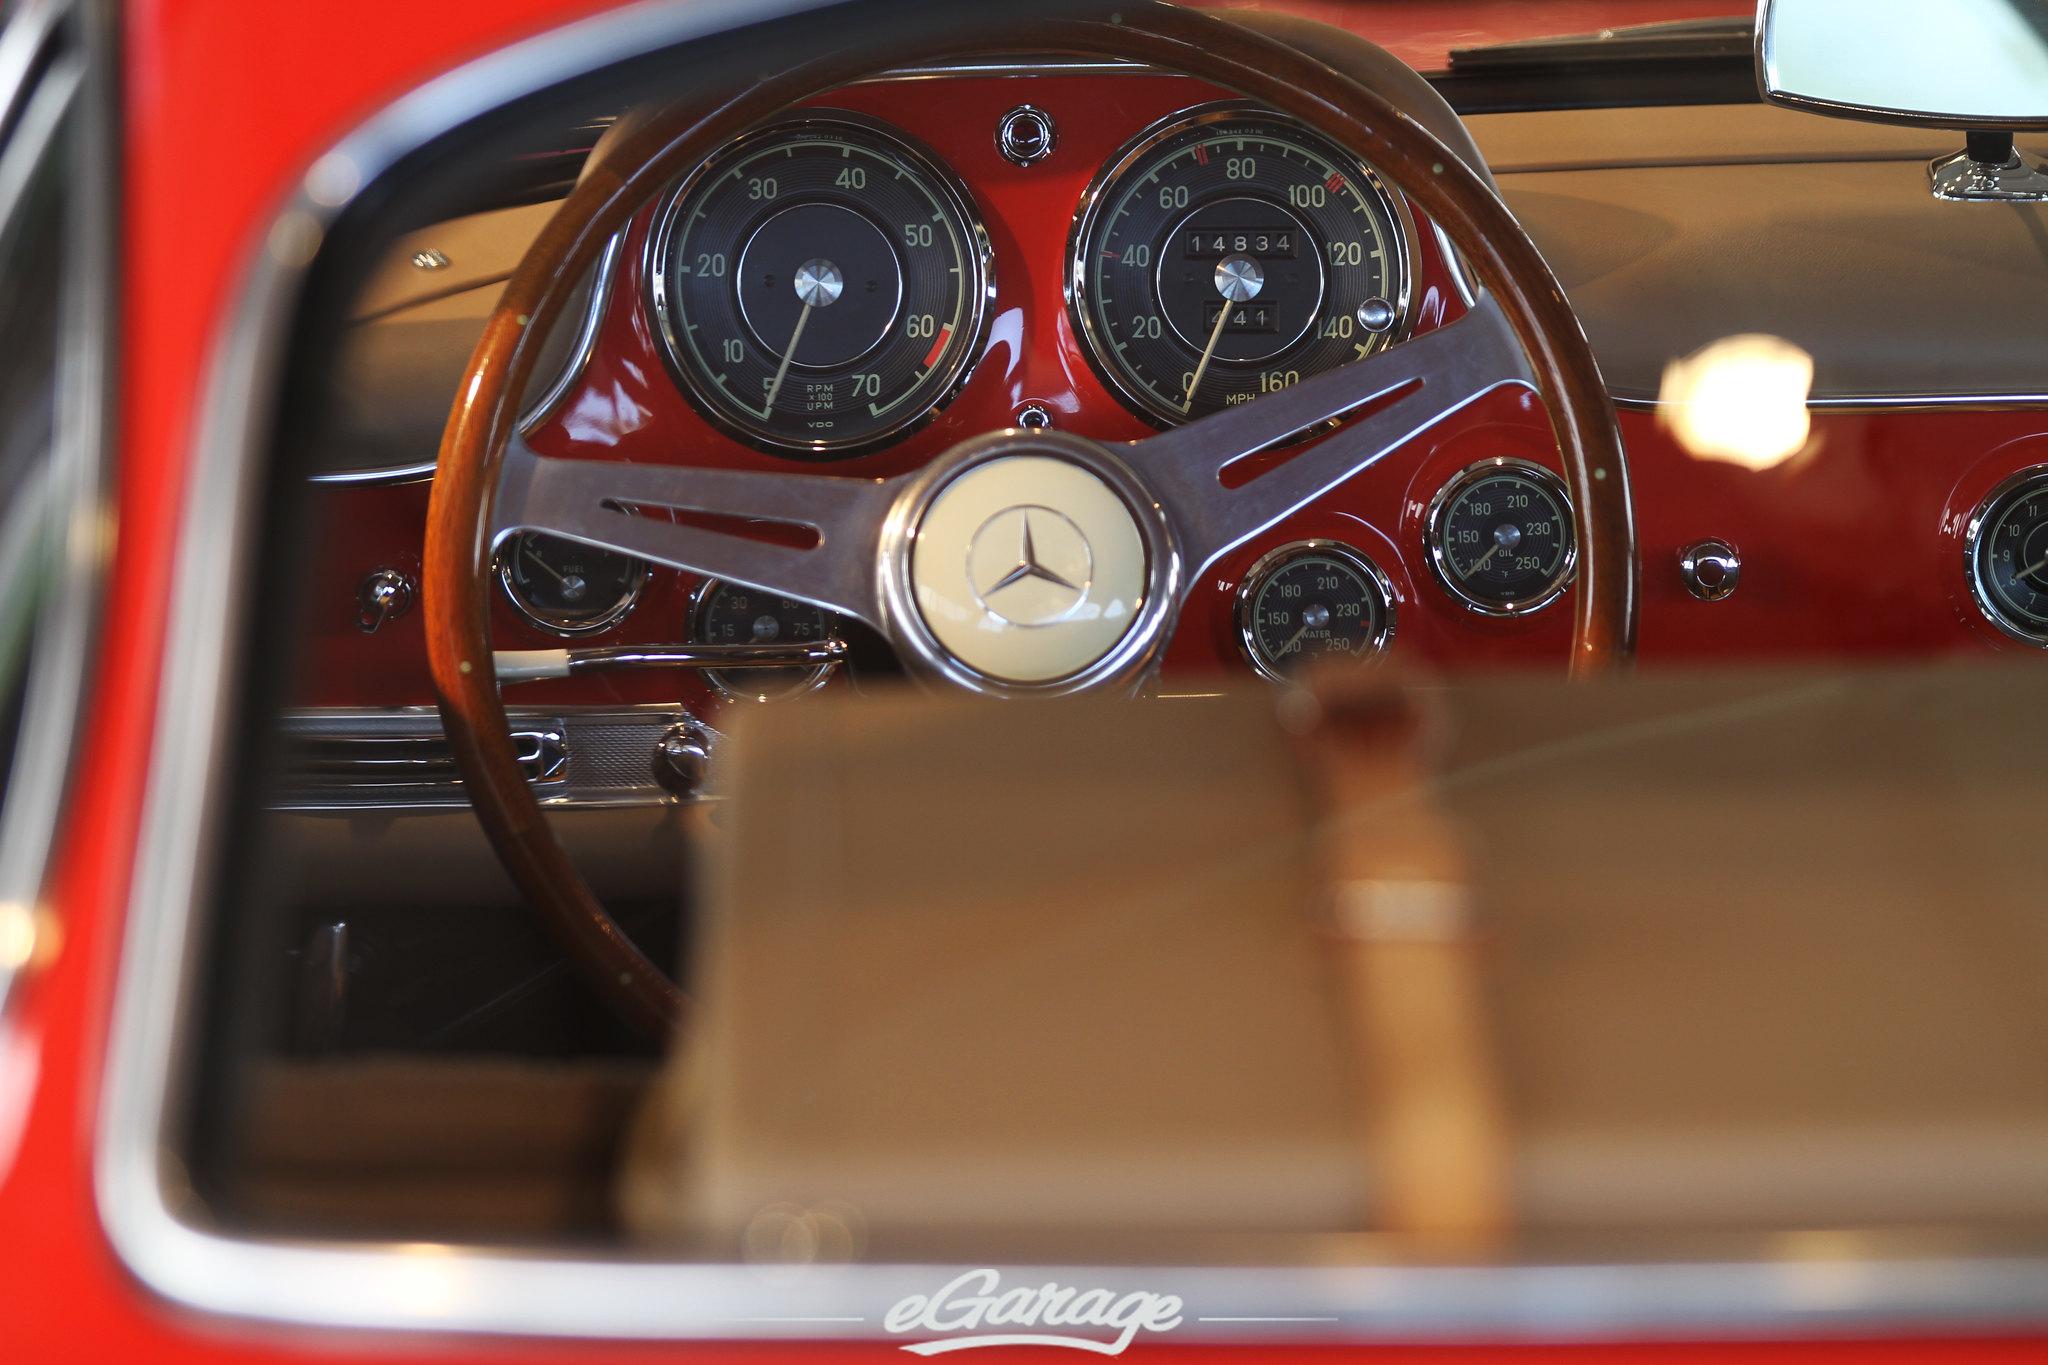 7828692994 94ec3b7dc5 k Mercedes Benz Classic